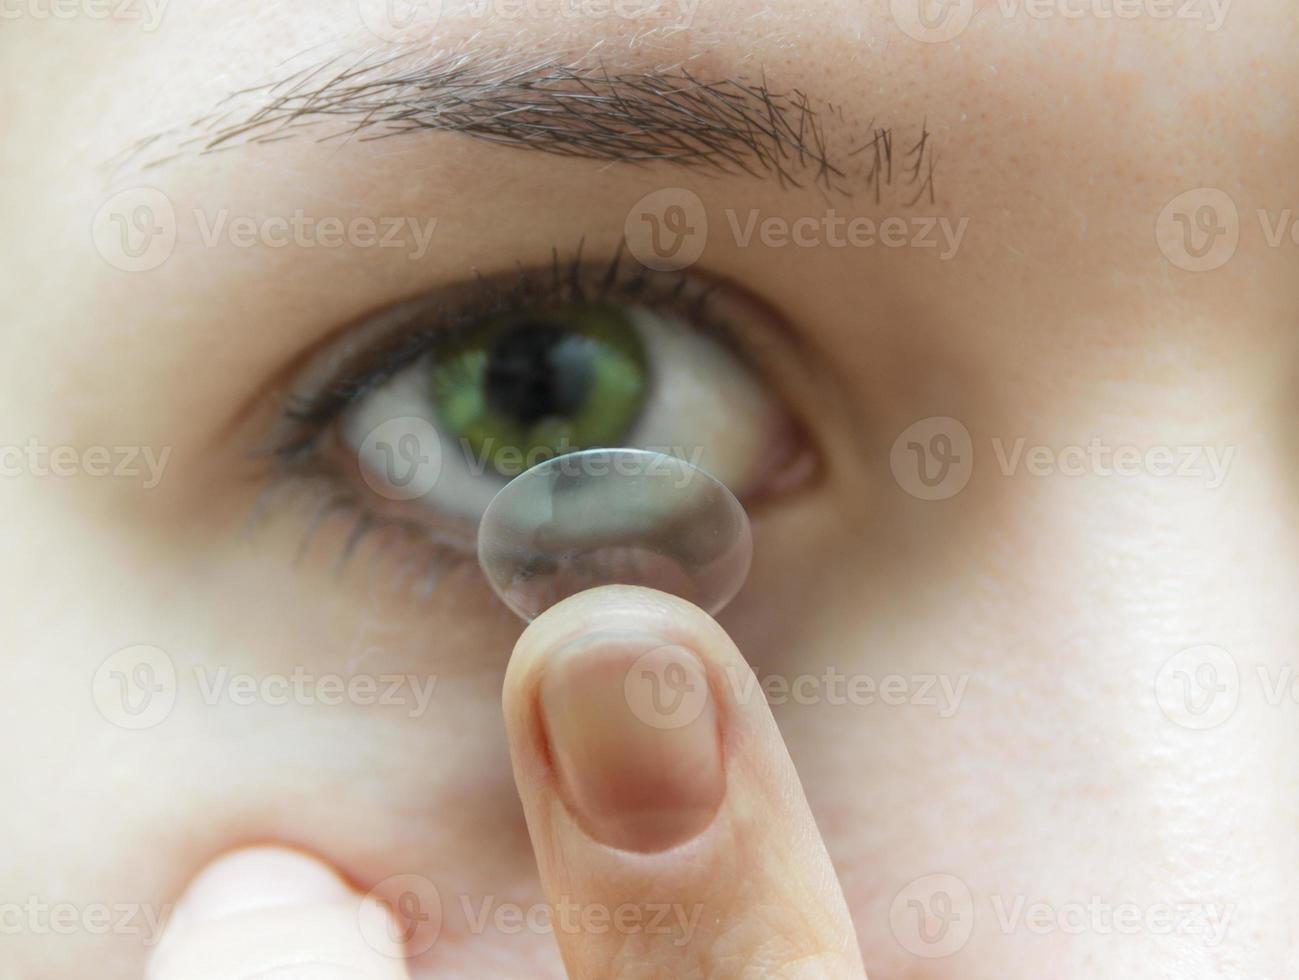 donna che mette lente a contatto negli occhi foto